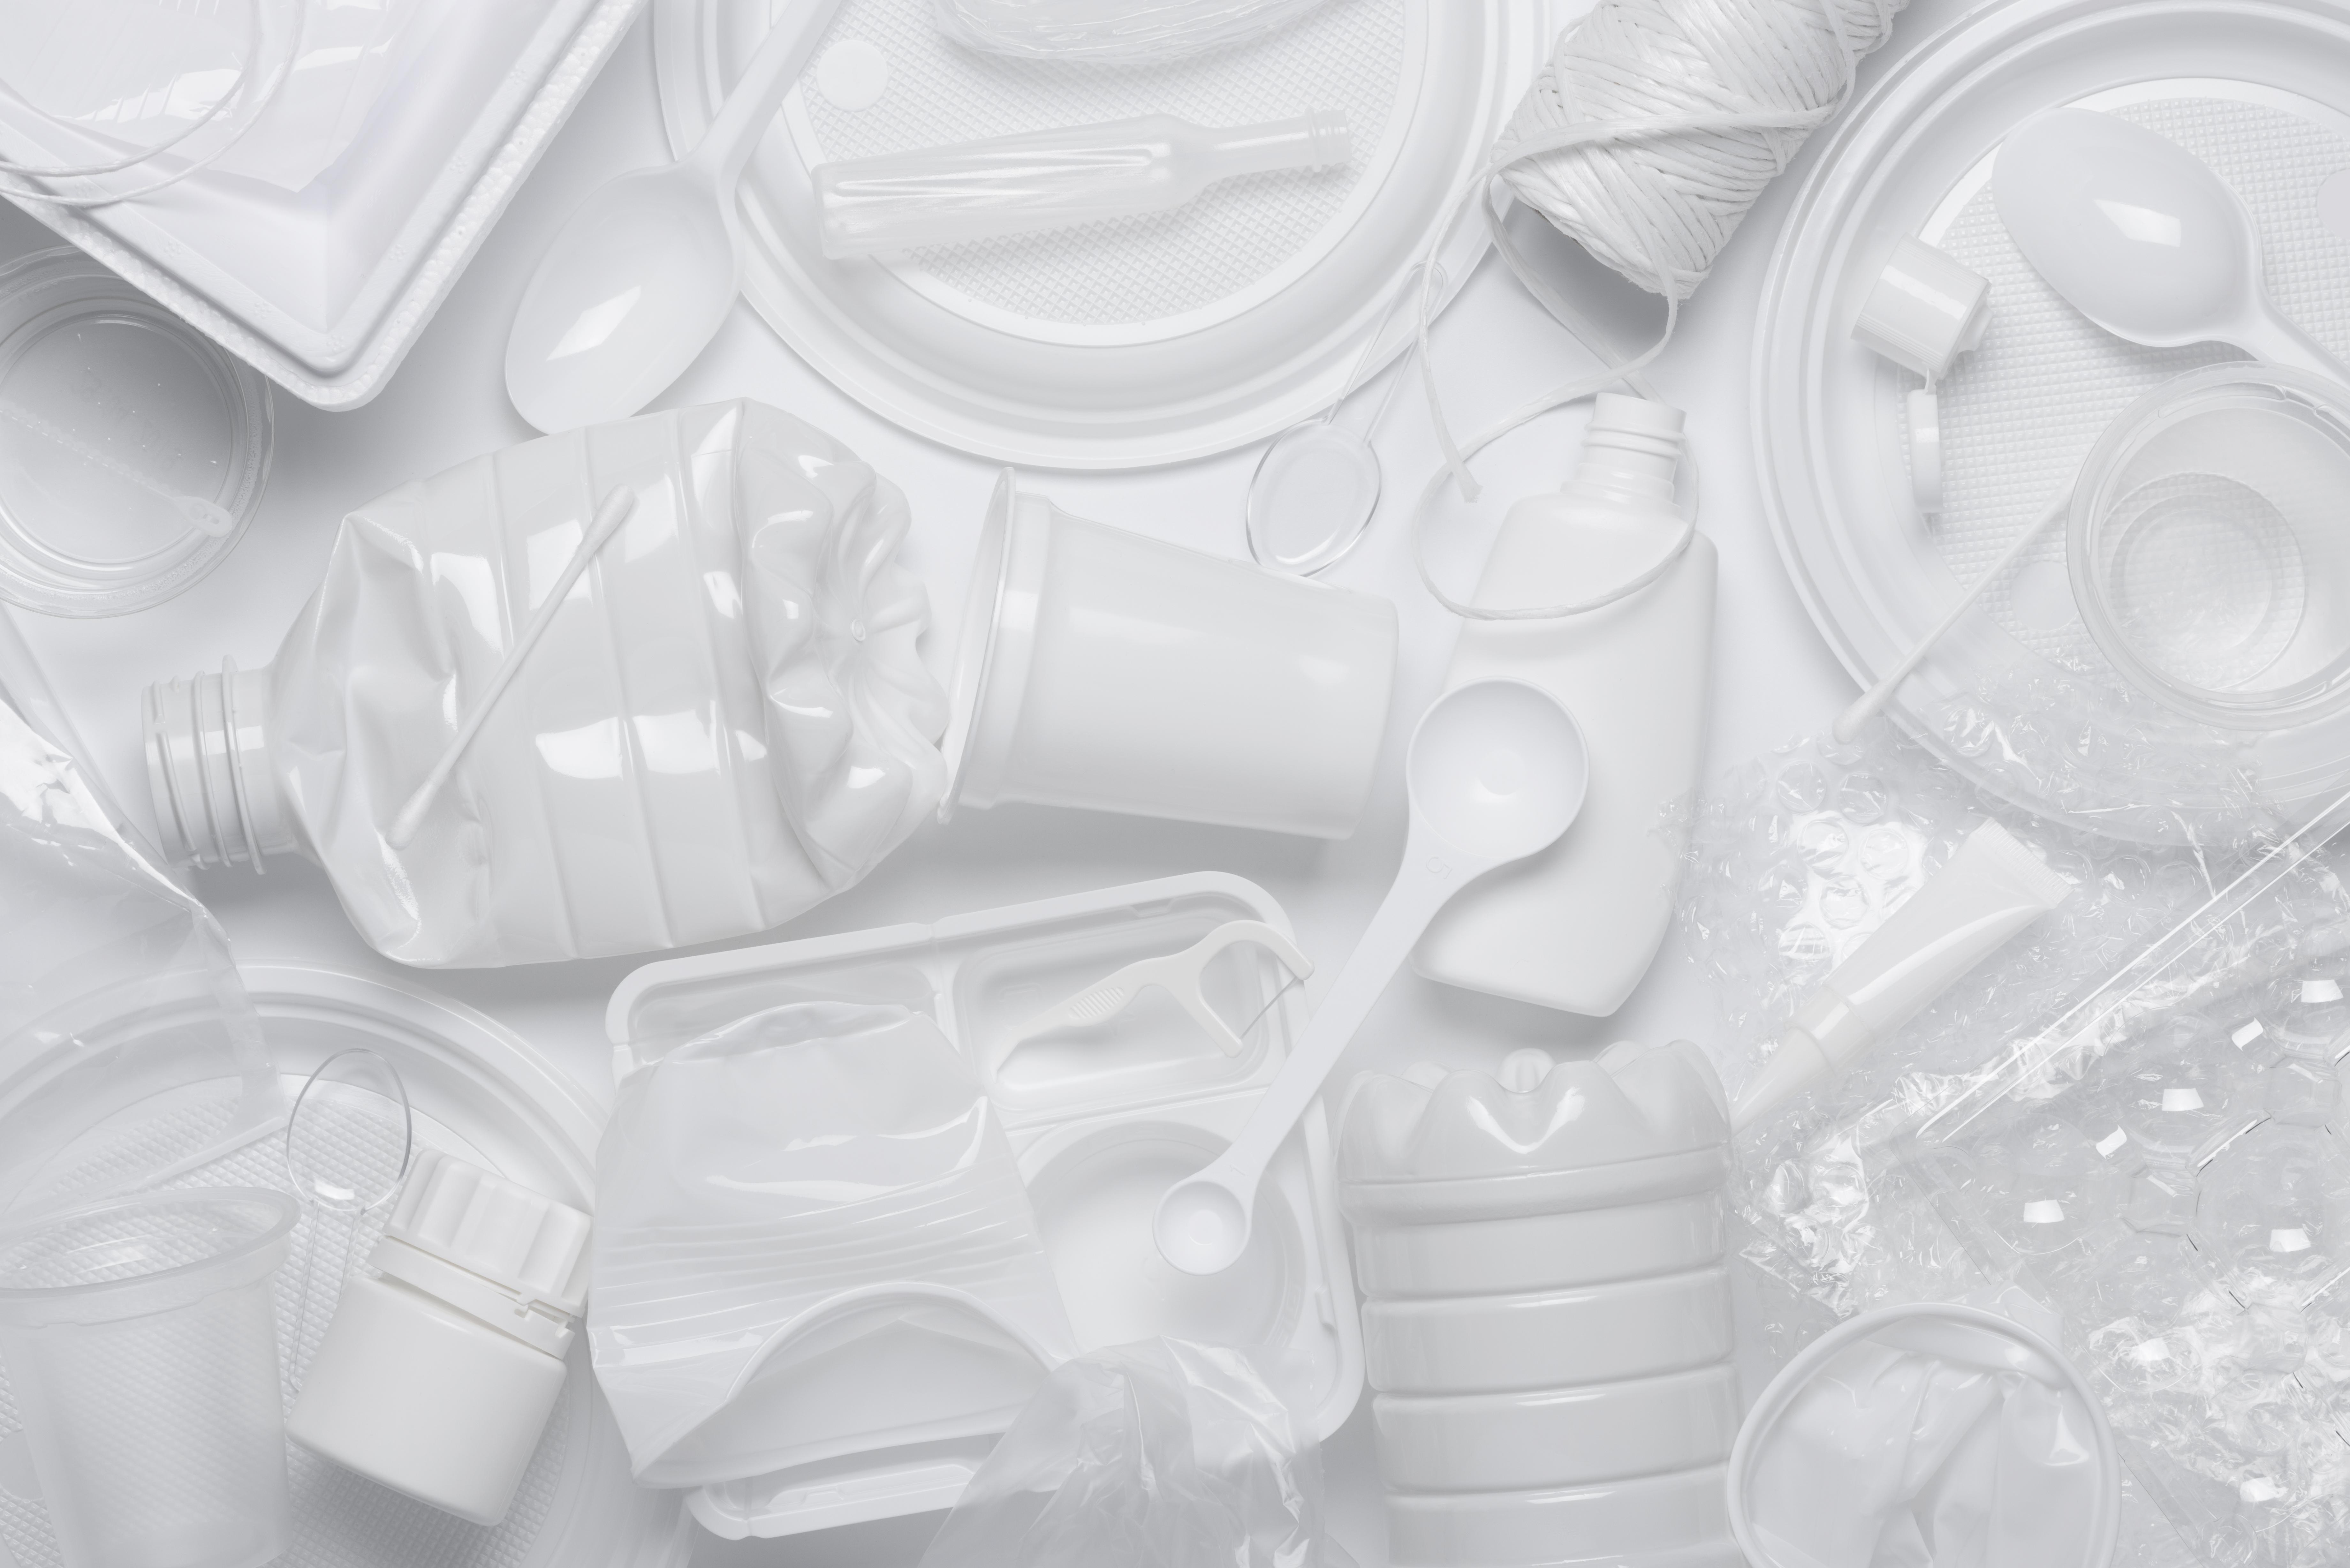 Produsele din plastic de unică folosinţă nu mai pot fi vândute în UE de sâmbătă. Ce se întâmplă în România